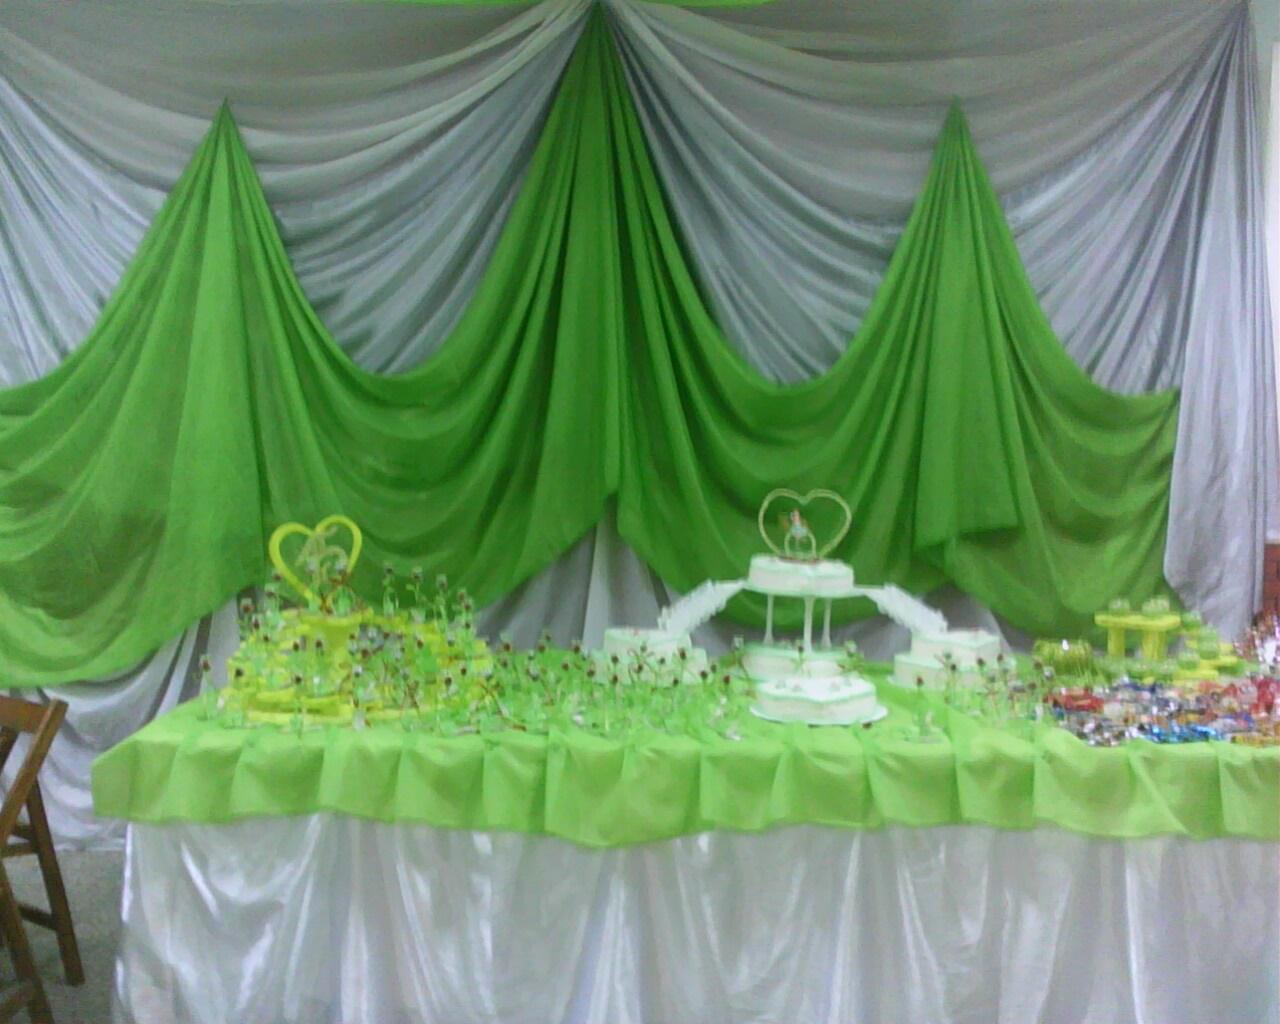 tonos verde manzana, plateado y blanco